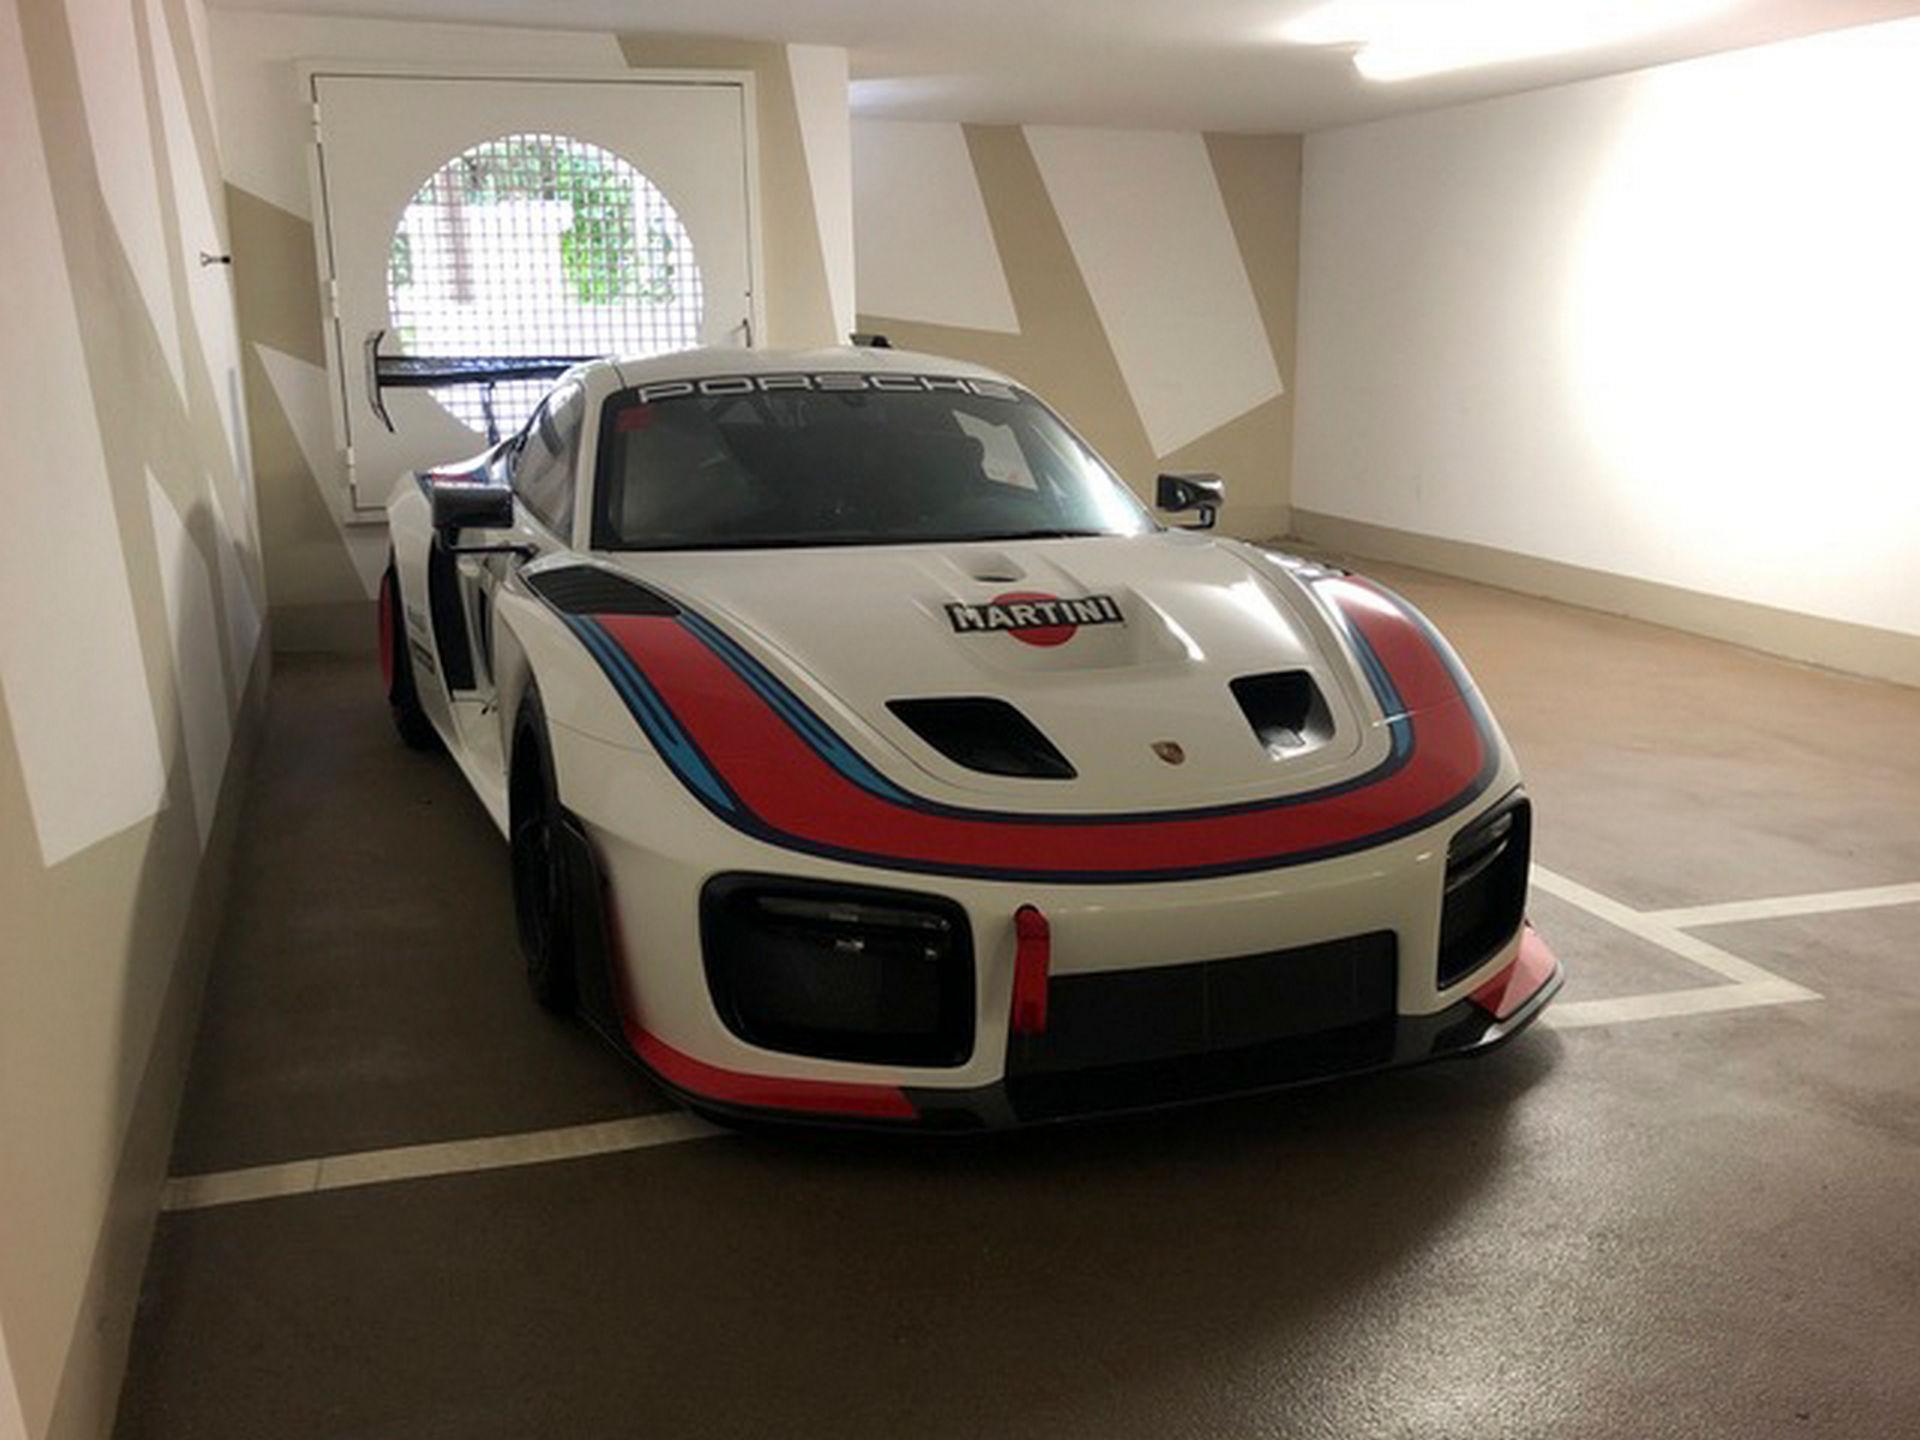 2020_Porsche_935_Martini_Livery_sale_0023